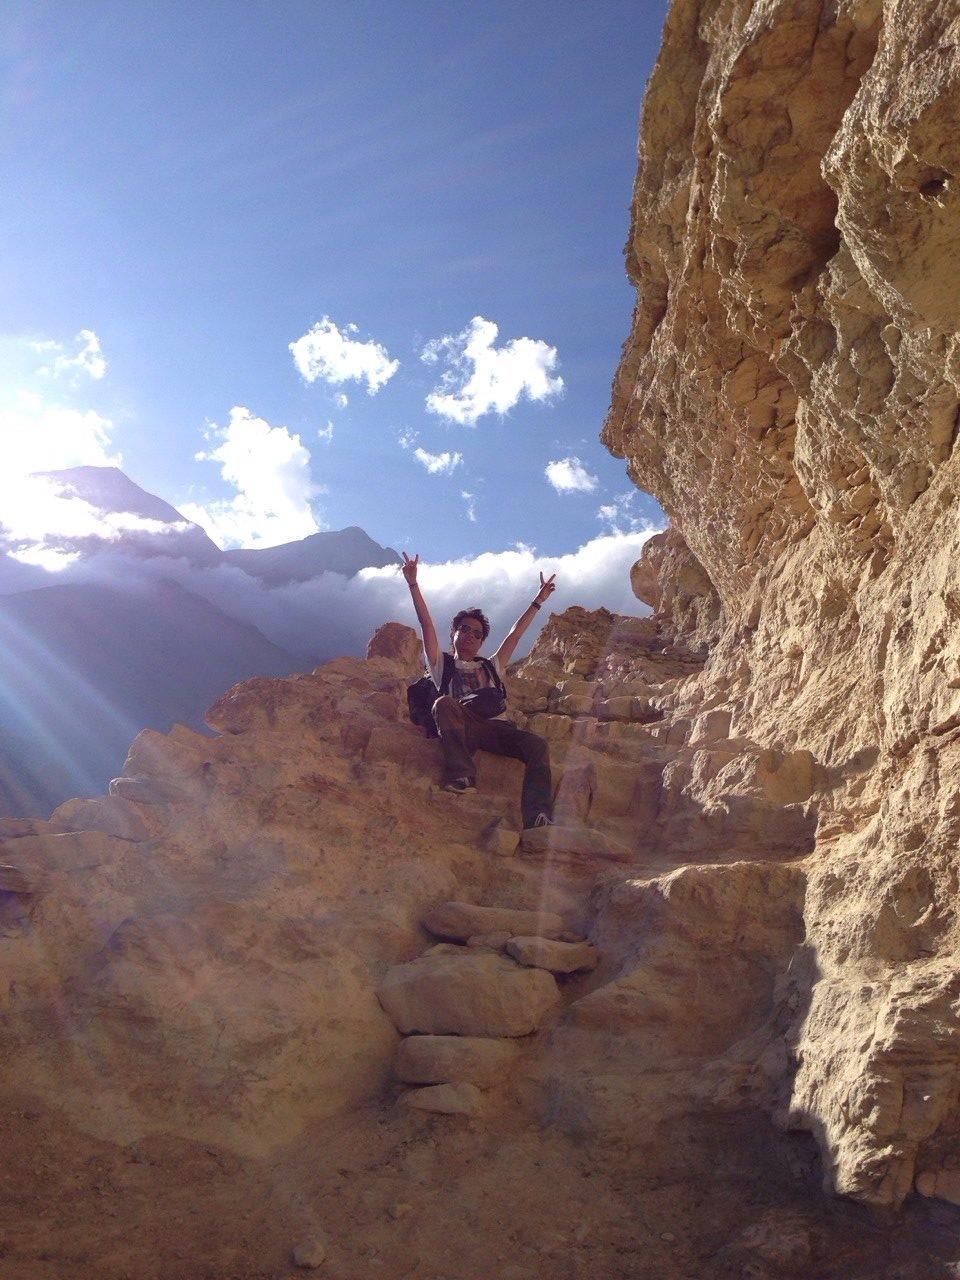 Weaver Jigme climbing mountain